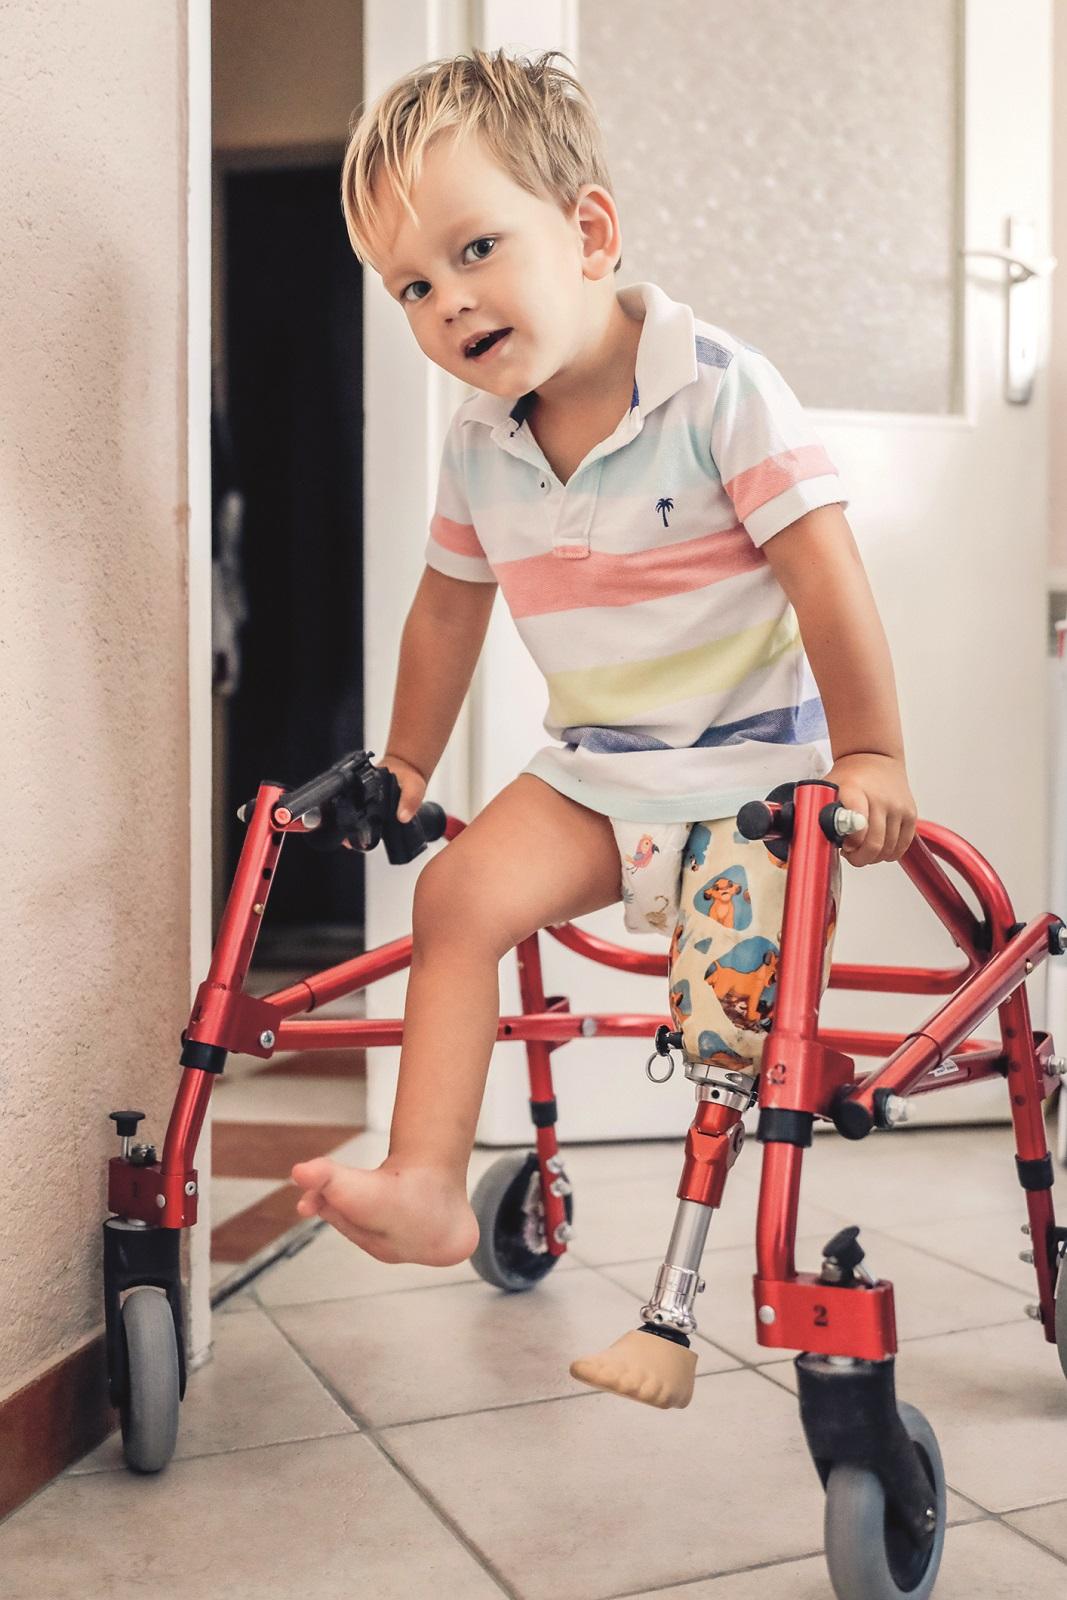 Zupanja, 060720 Simun clan obitelji Stojanovic se susrece s problemom prijave u vrtic zbog proteze lijeve noge. Na fotografiji mali Simun Stojanovic. Foto: Danijel Soldo / CROPIX SPECIJAL GLORIJA